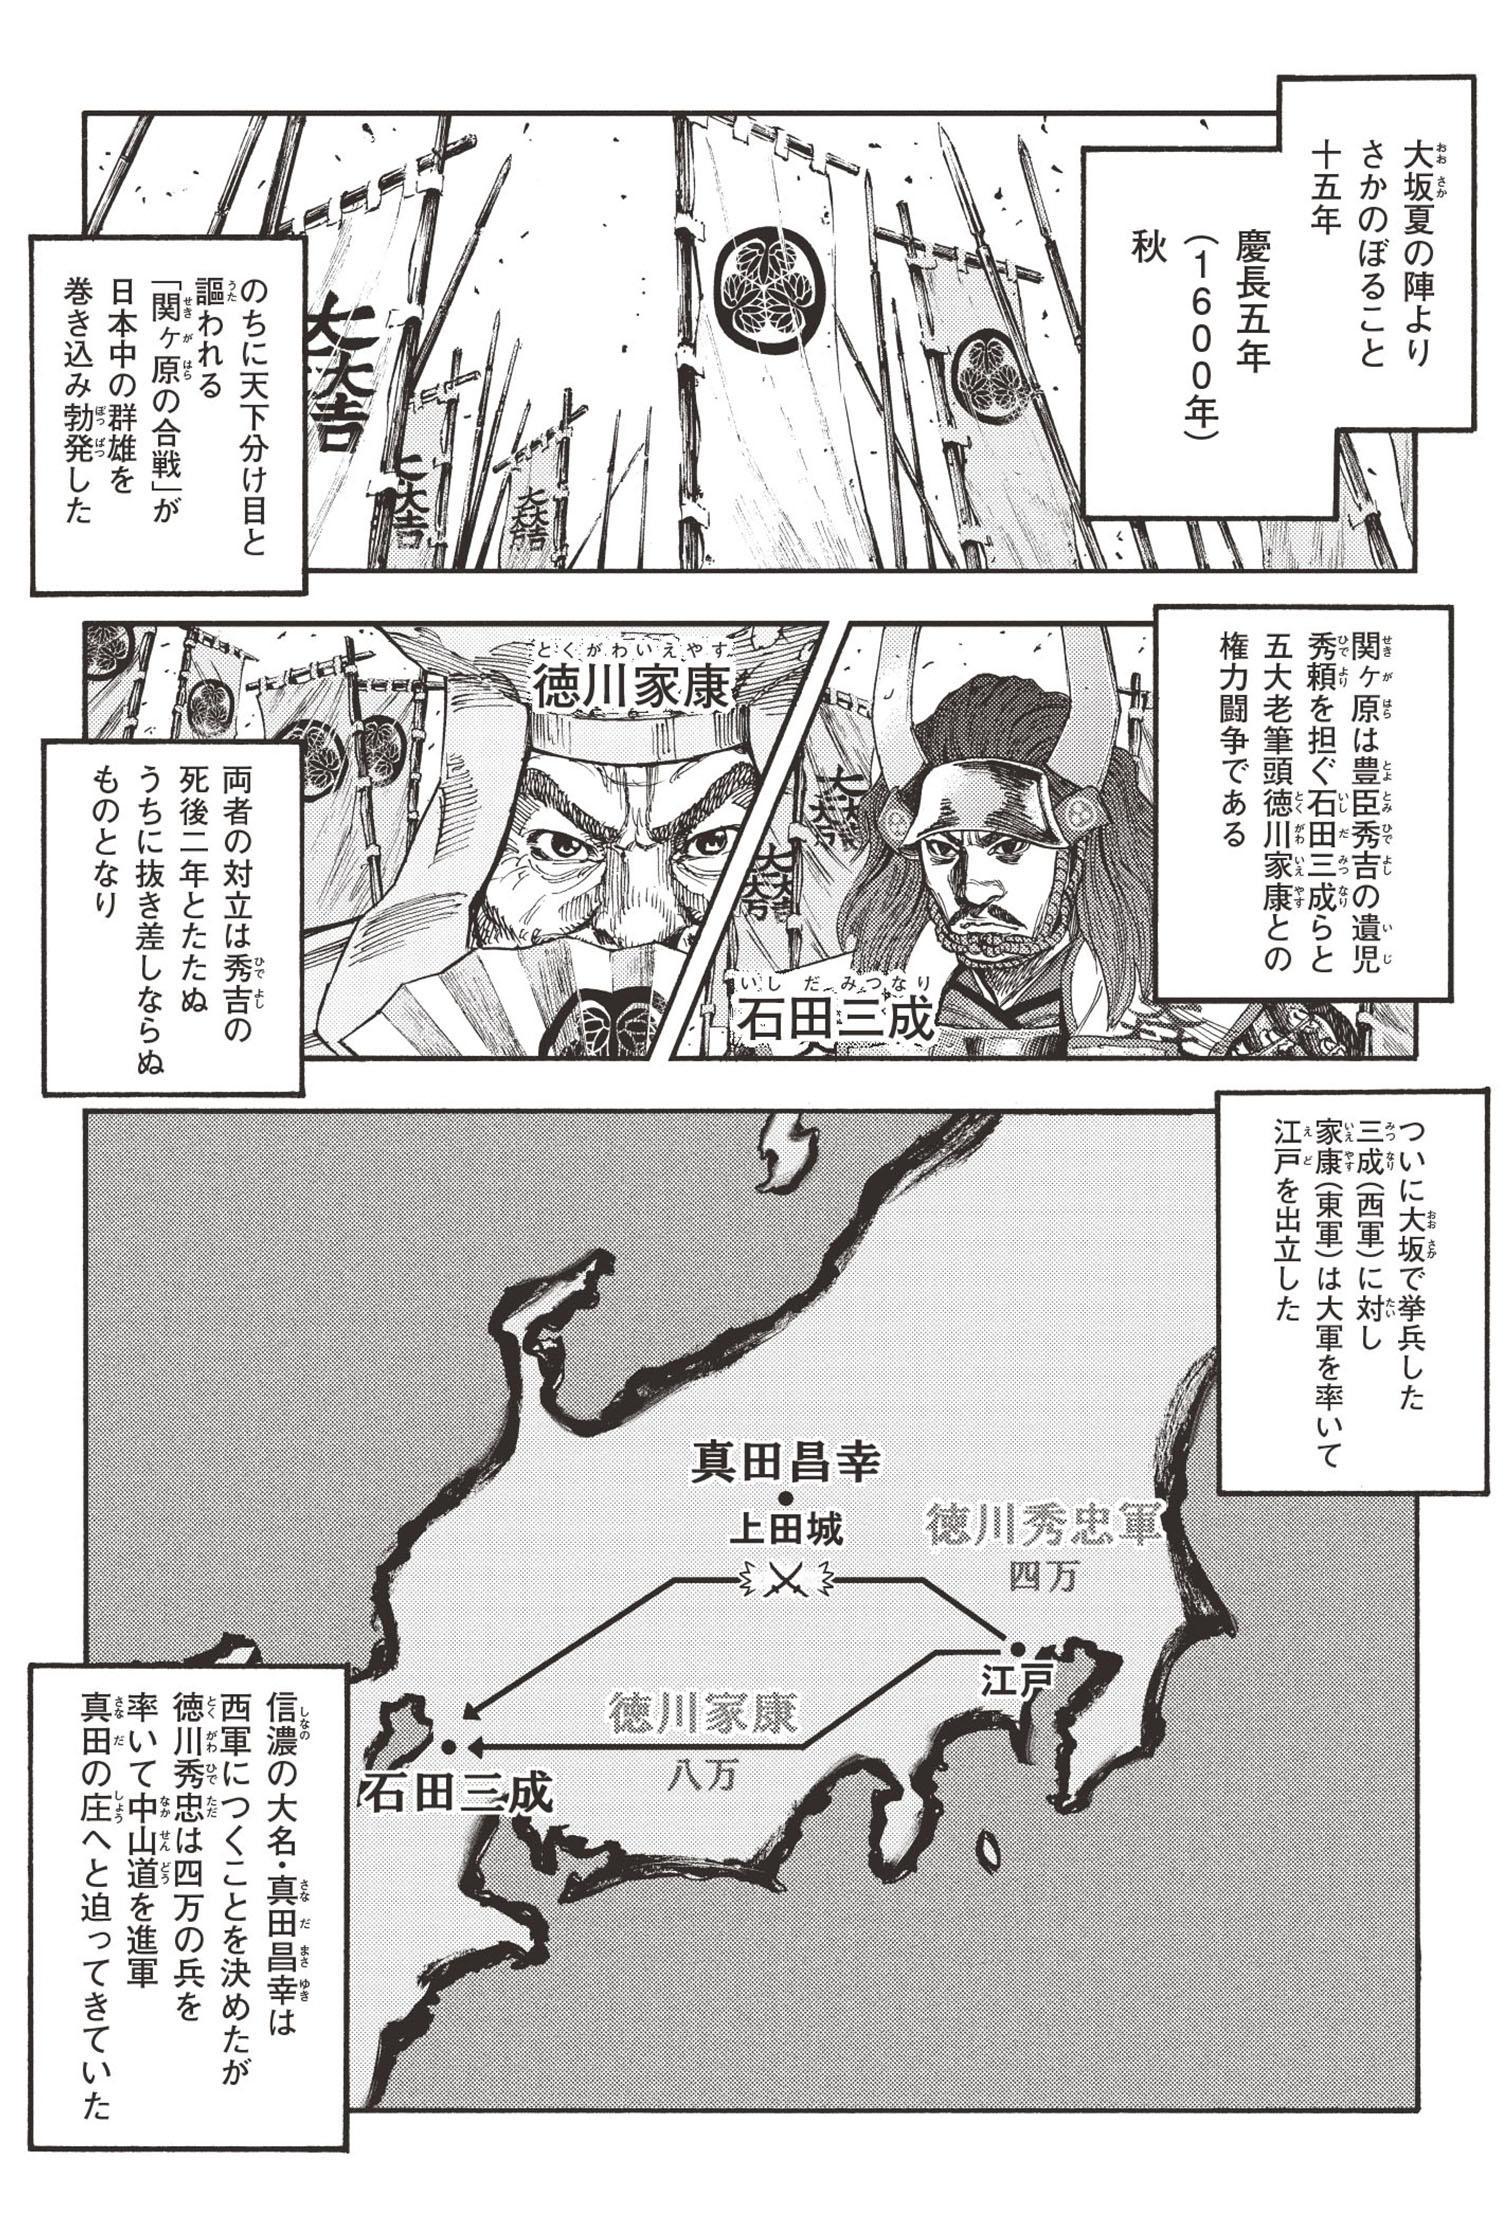 真田太平記 第0話「日本一の兵」①sanada01_009.jpg